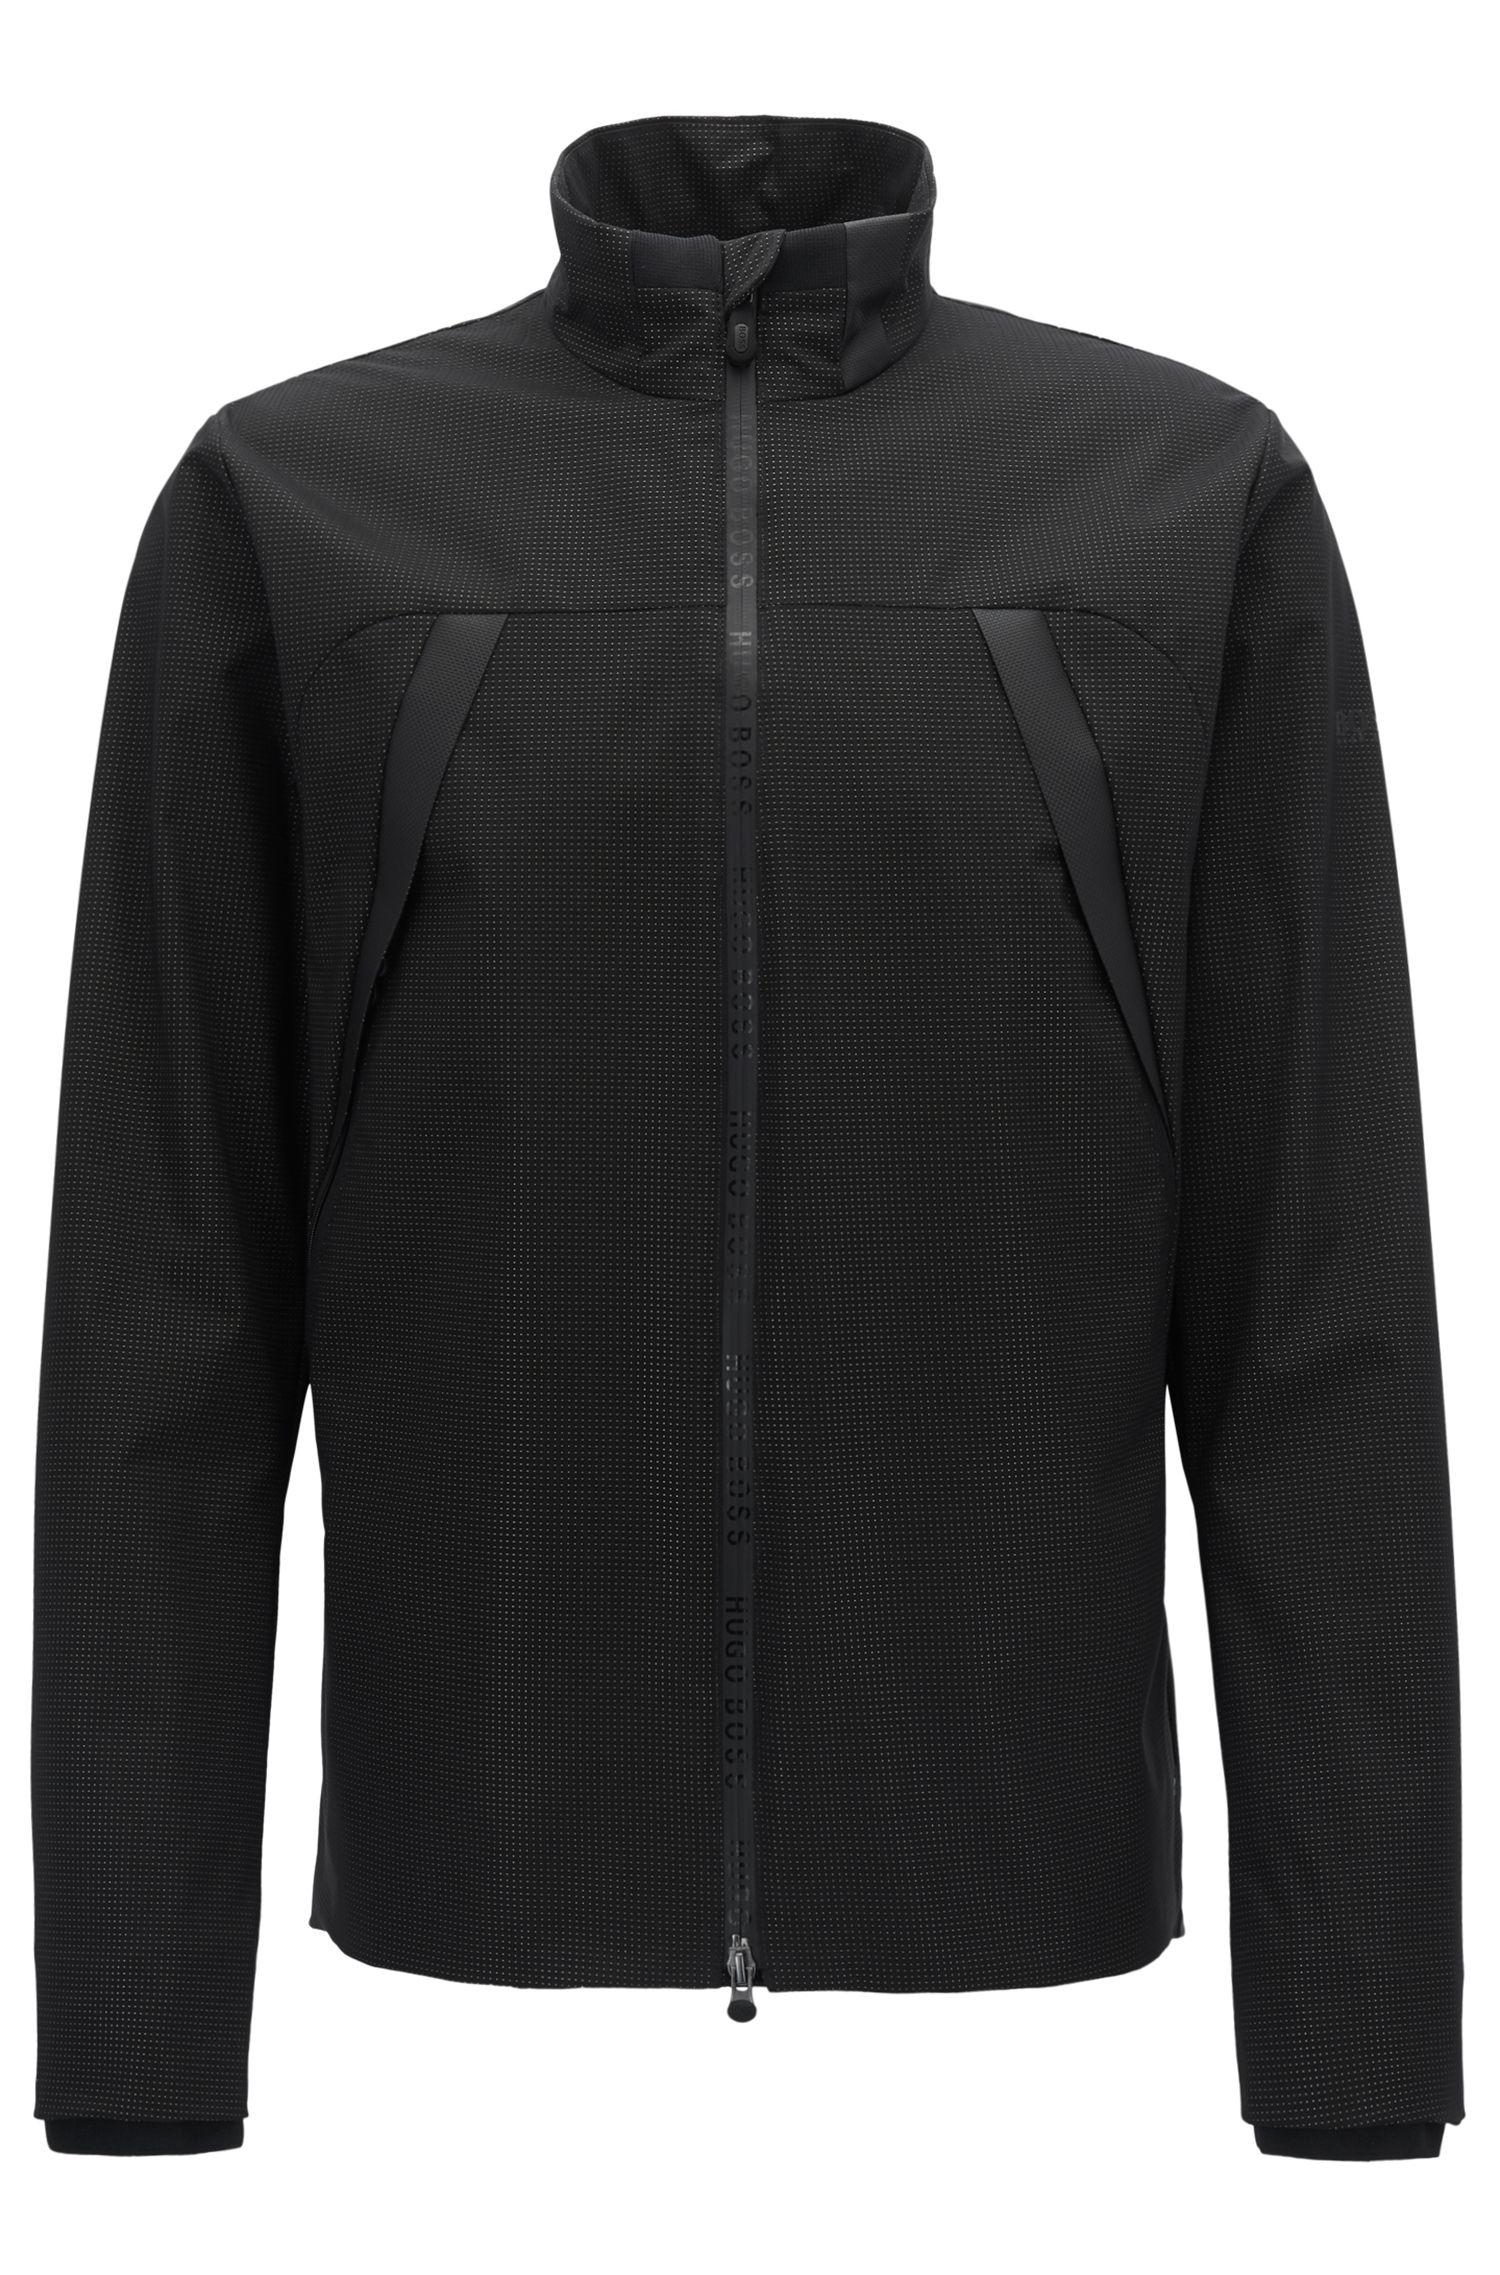 Hoogwaardige jas van waterafstotend, technisch materiaal